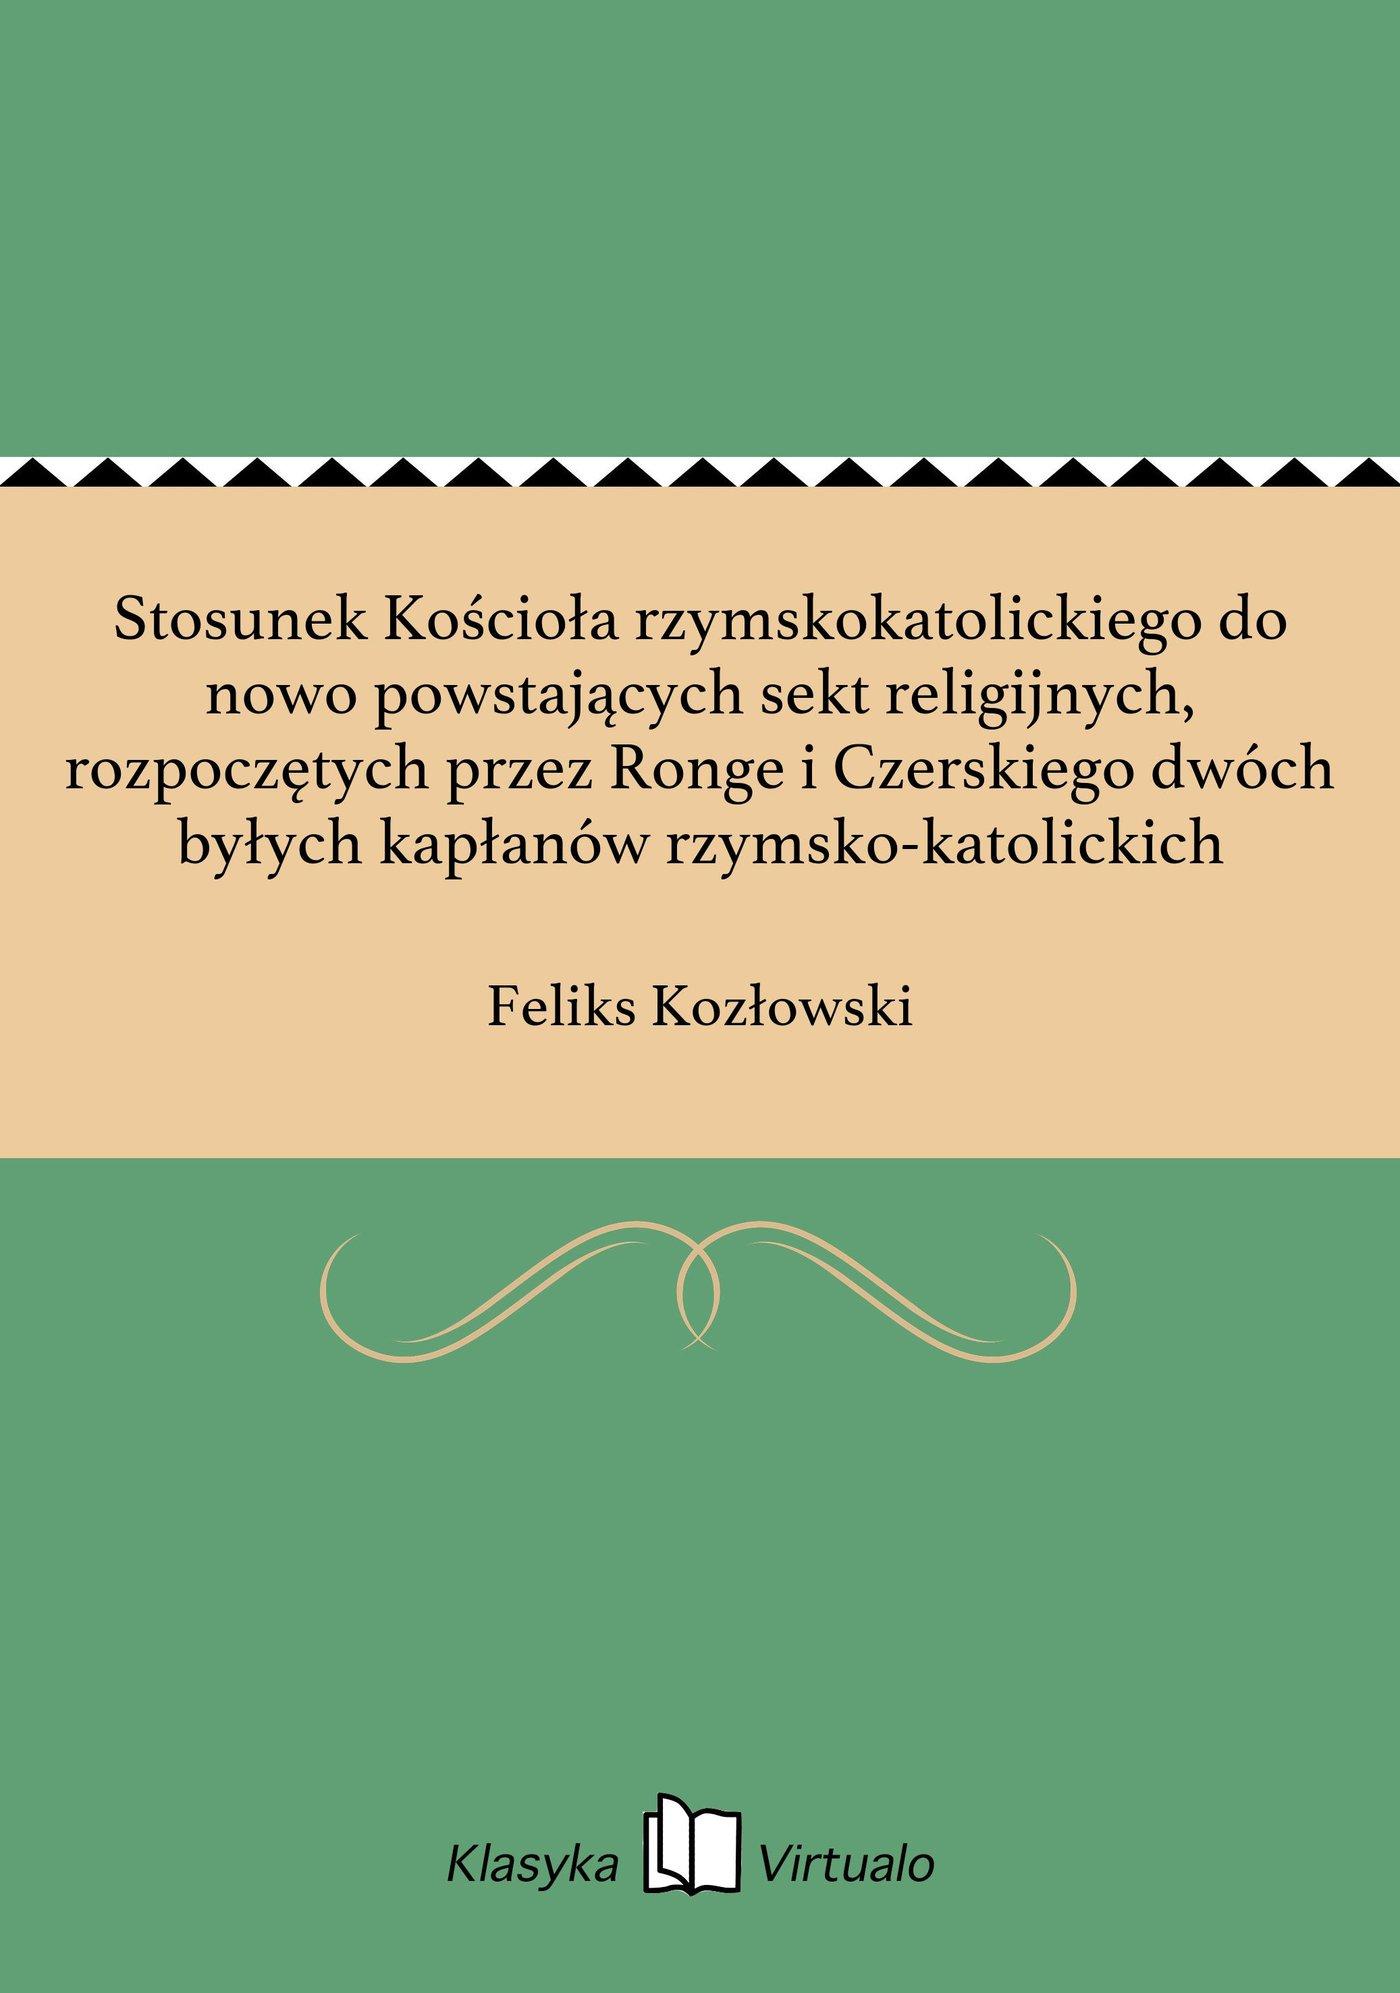 Stosunek Kościoła rzymskokatolickiego do nowo powstających sekt religijnych, rozpoczętych przez Ronge i Czerskiego dwóch byłych kapłanów rzymsko-katolickich - Ebook (Książka EPUB) do pobrania w formacie EPUB